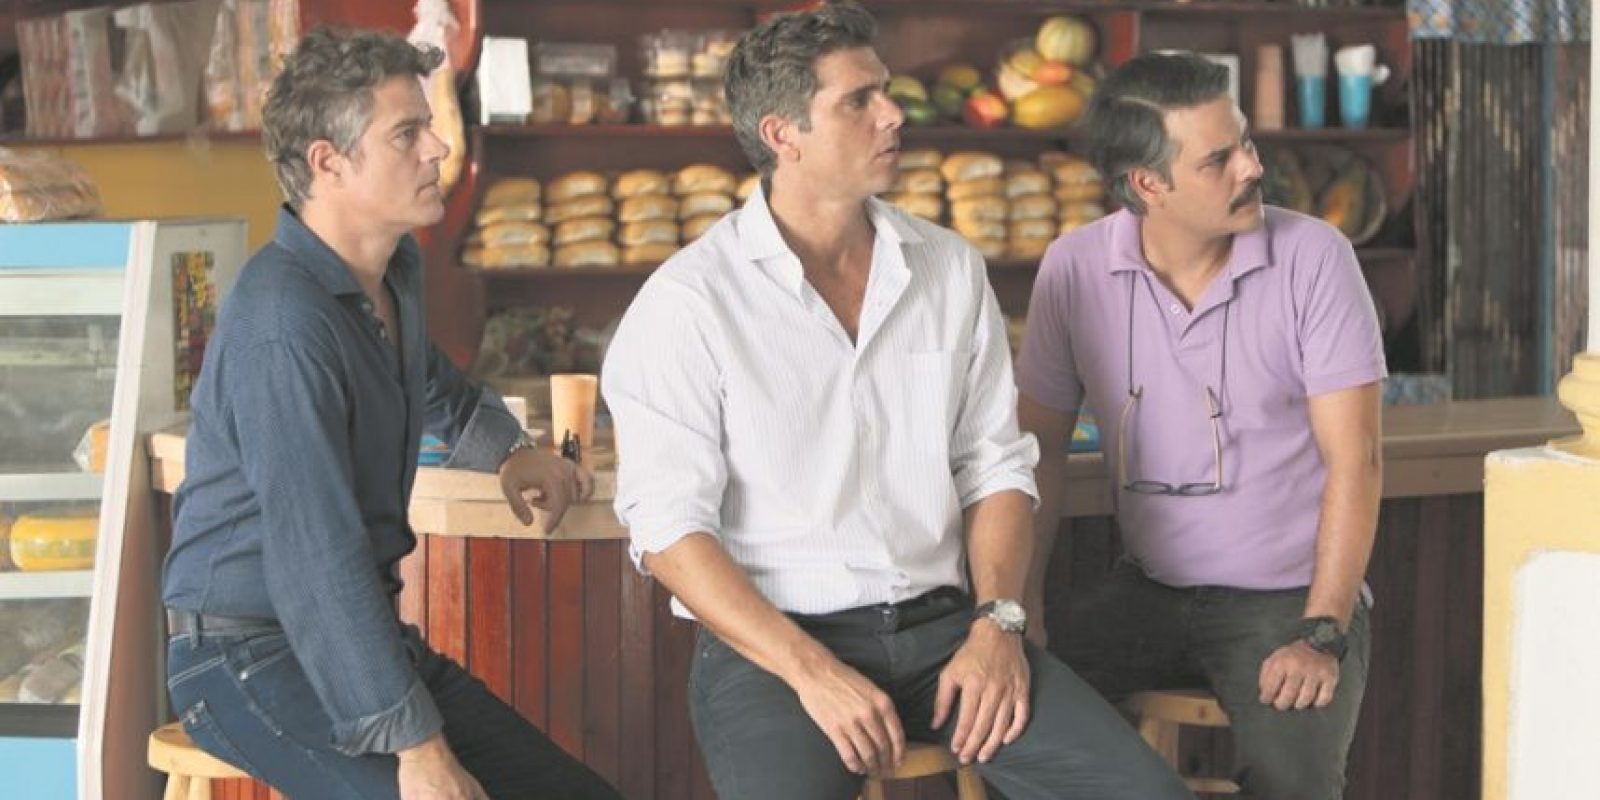 Mike Amigorena, Christian Meier y Frank Perozo en una escena de la película Todos los hombres son iguales. Foto:Fuente Externa